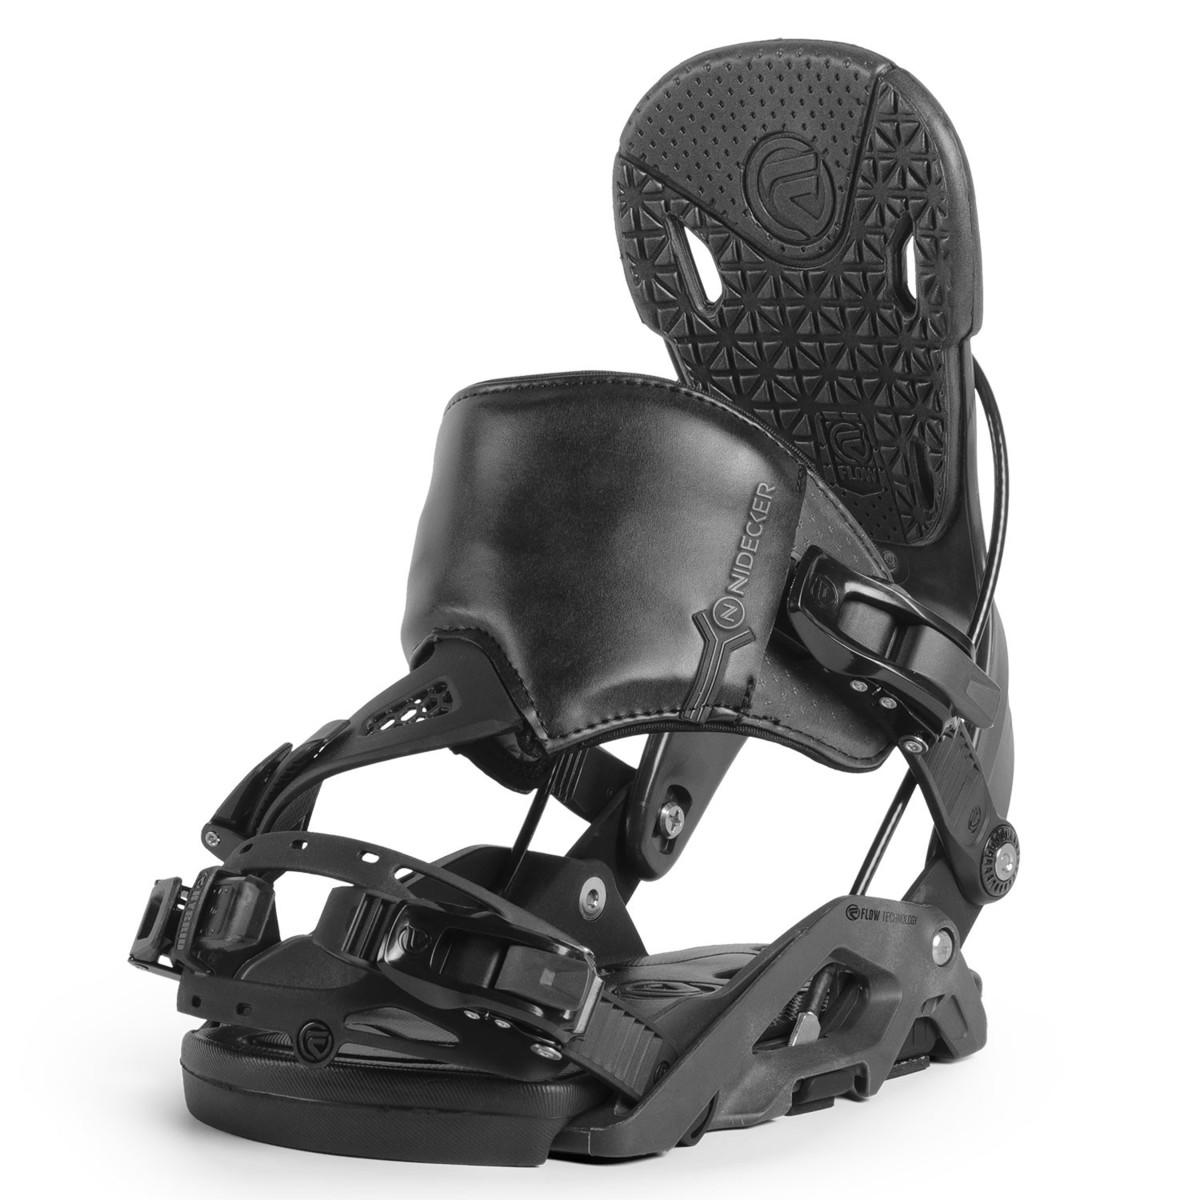 Snowboardové vázání Nidecker Nexus Hybrid 17/18 černá L (EU 40-45)